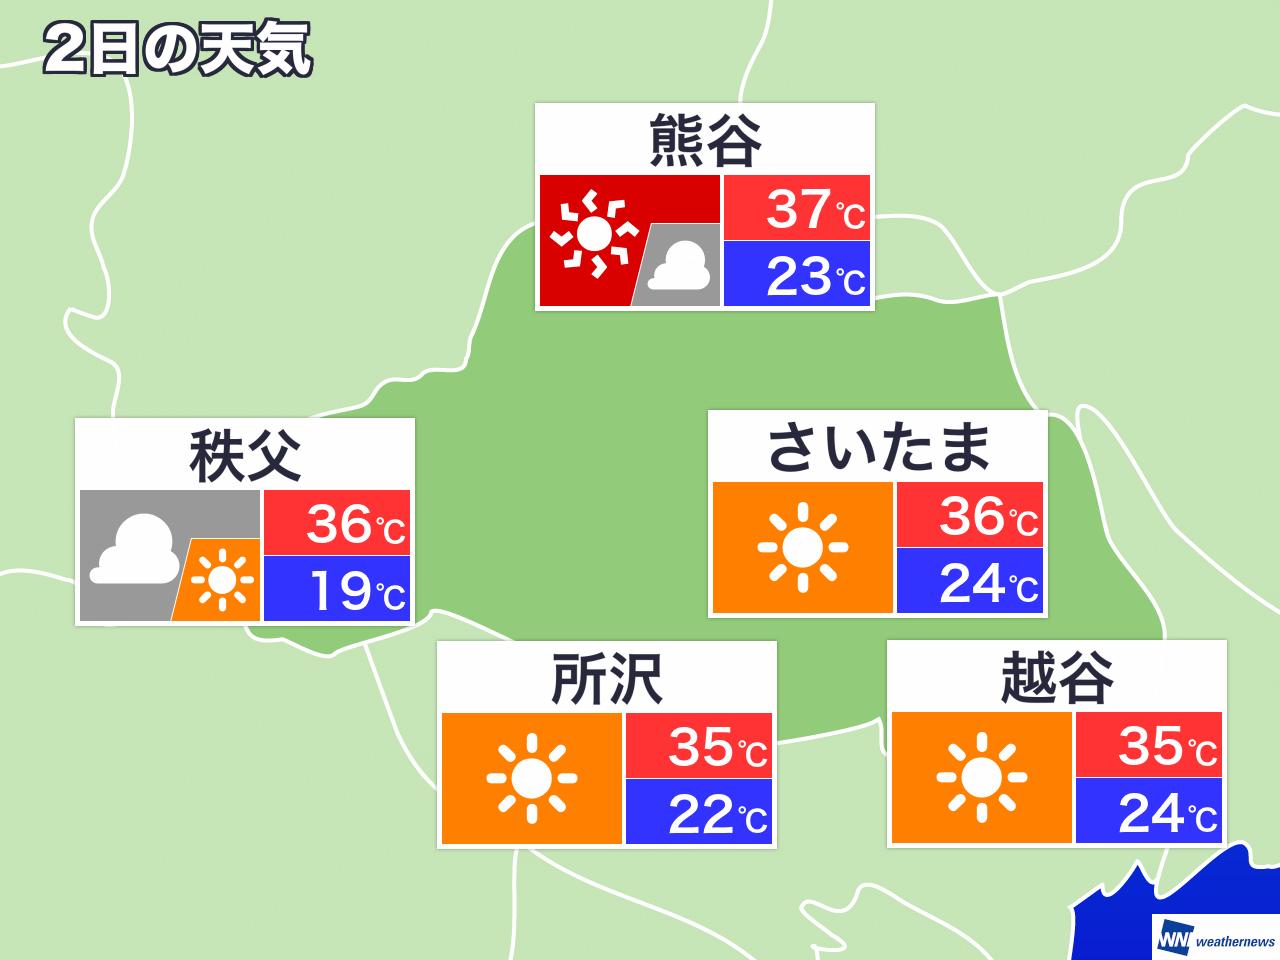 埼玉 県 南部 天気